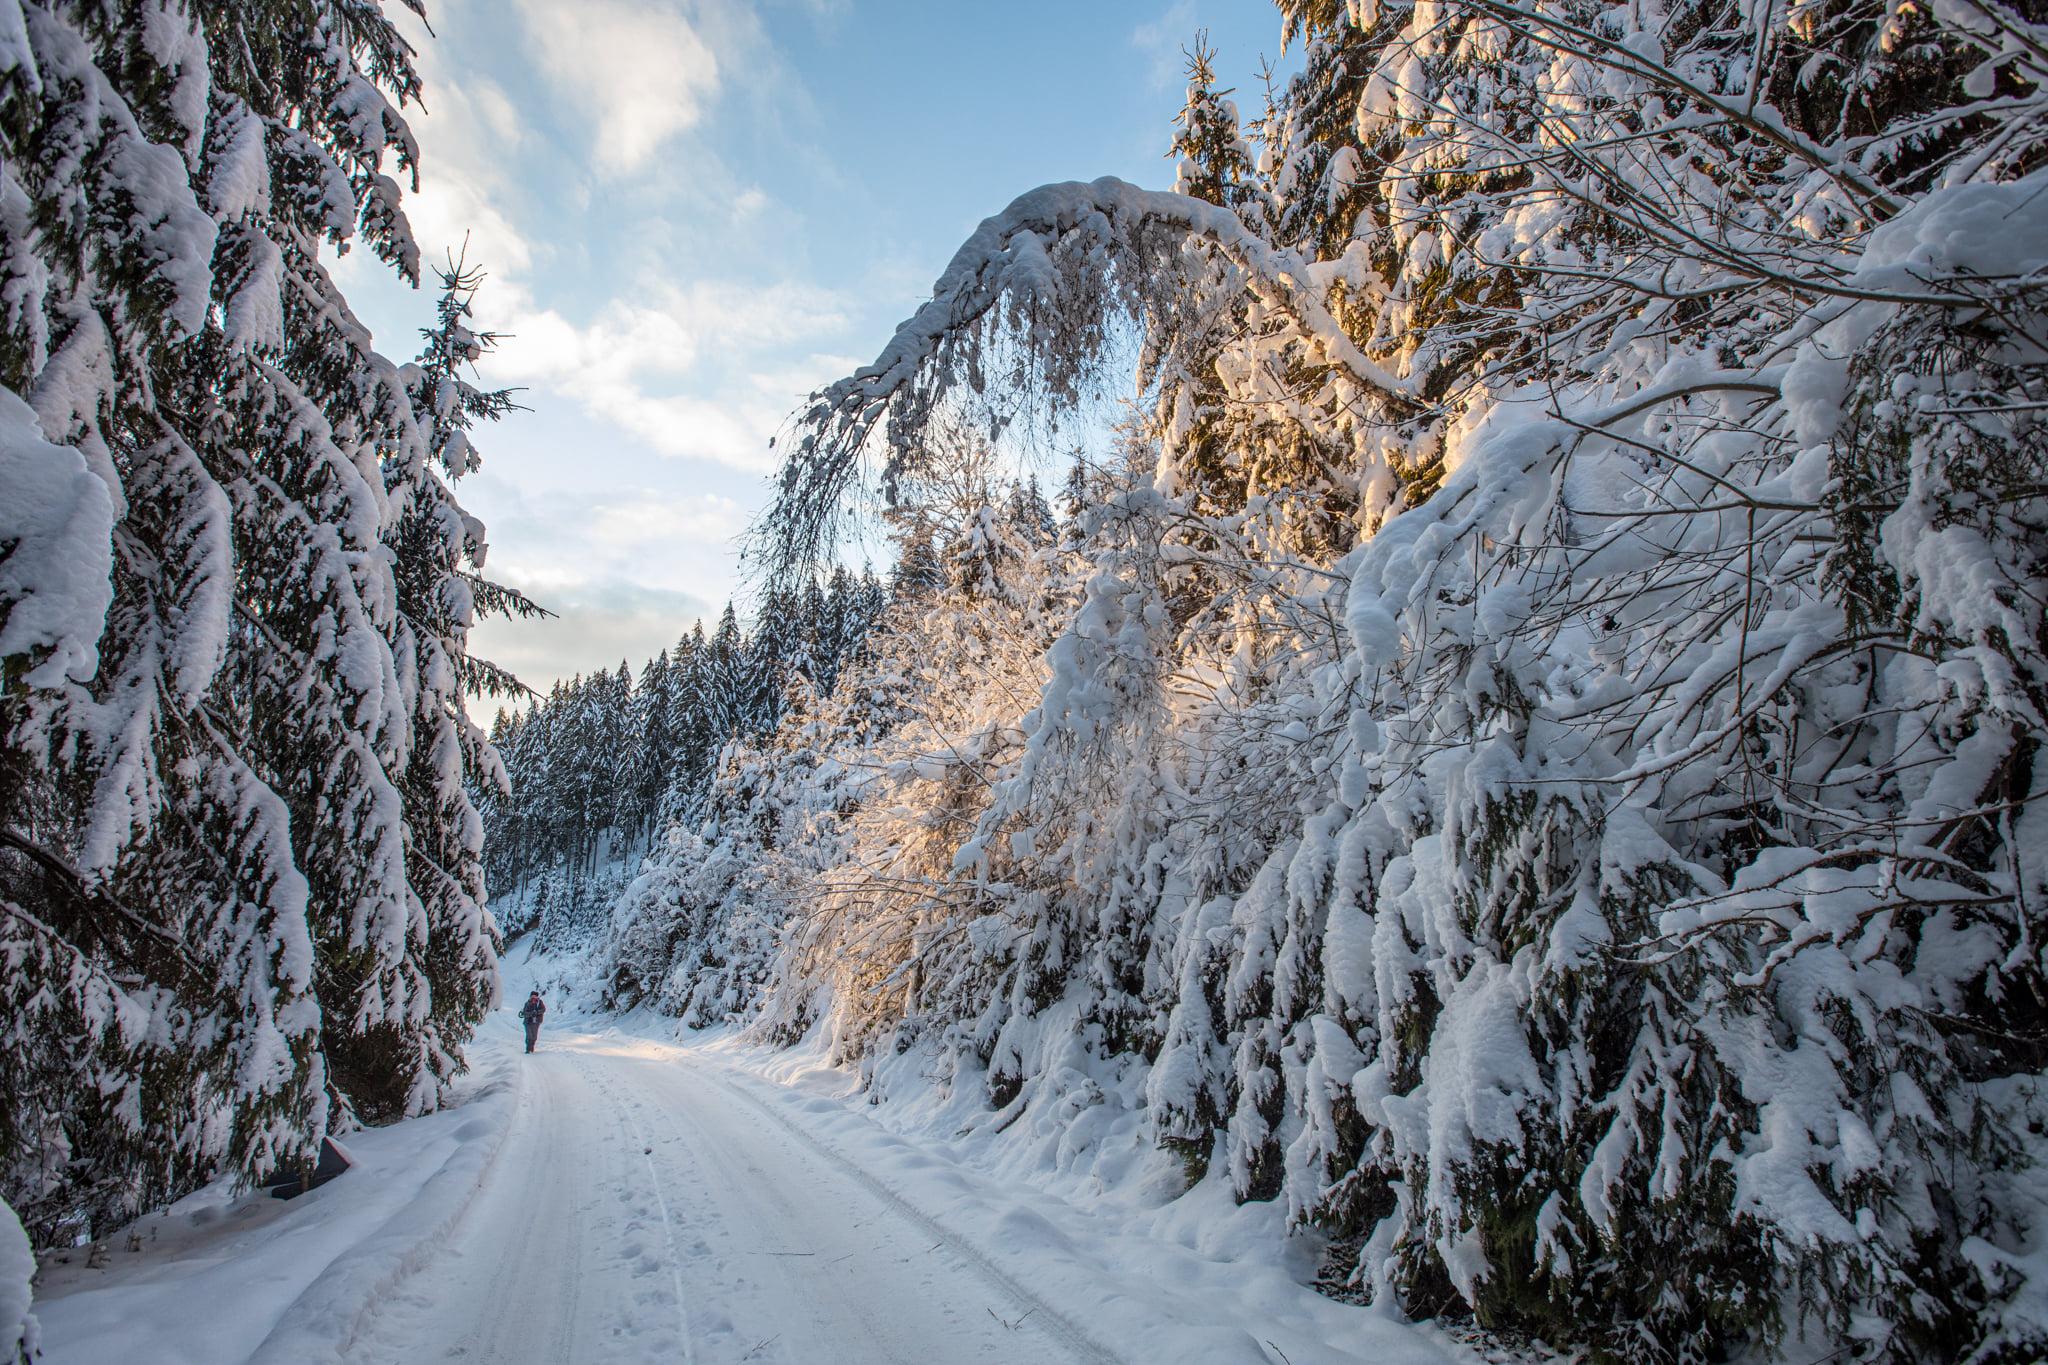 Drumul merge parael cu o vale - Marius Turc